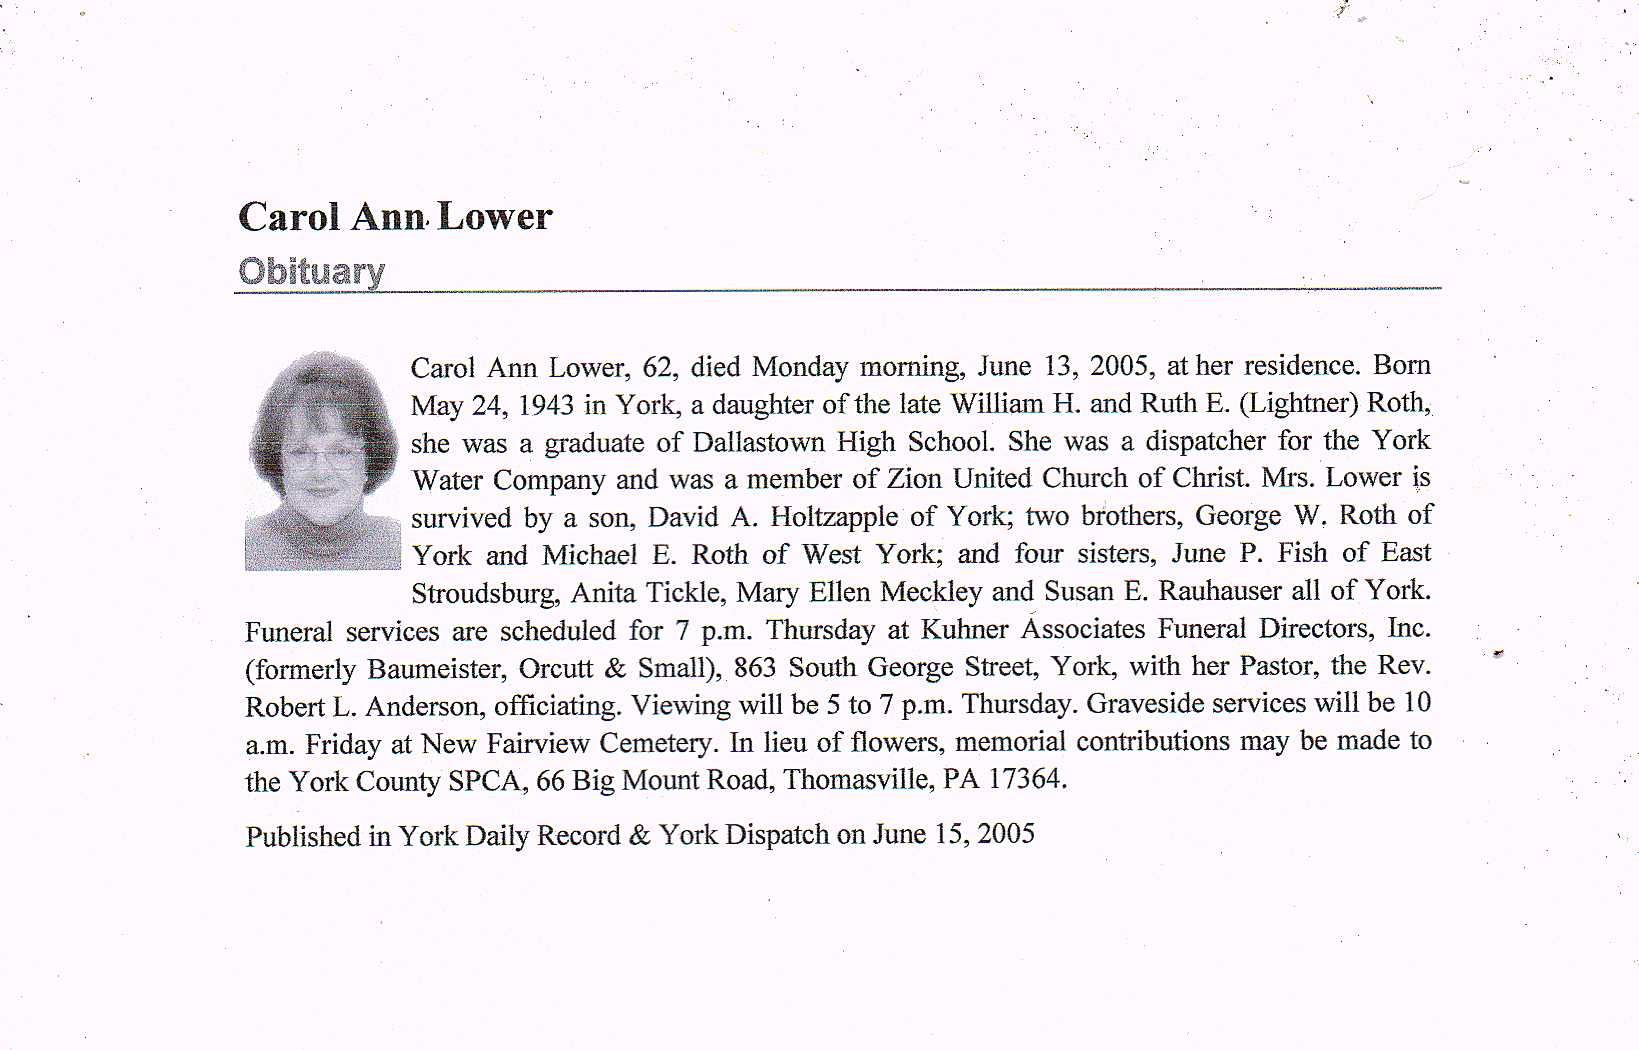 Carol Ann Roth